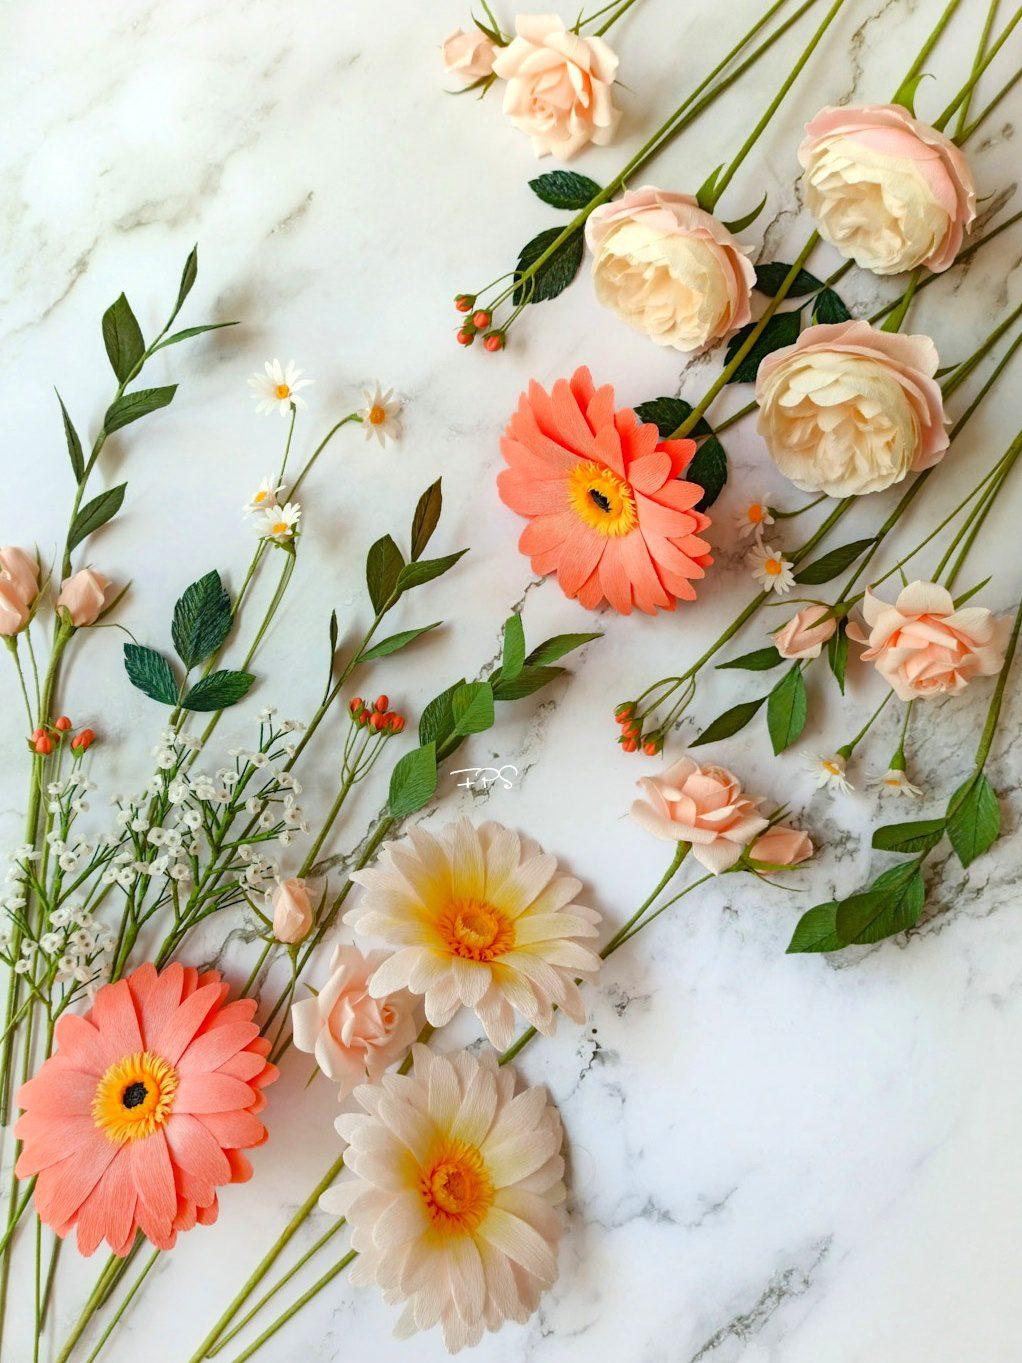 flores de papel crepe, flores para siempre